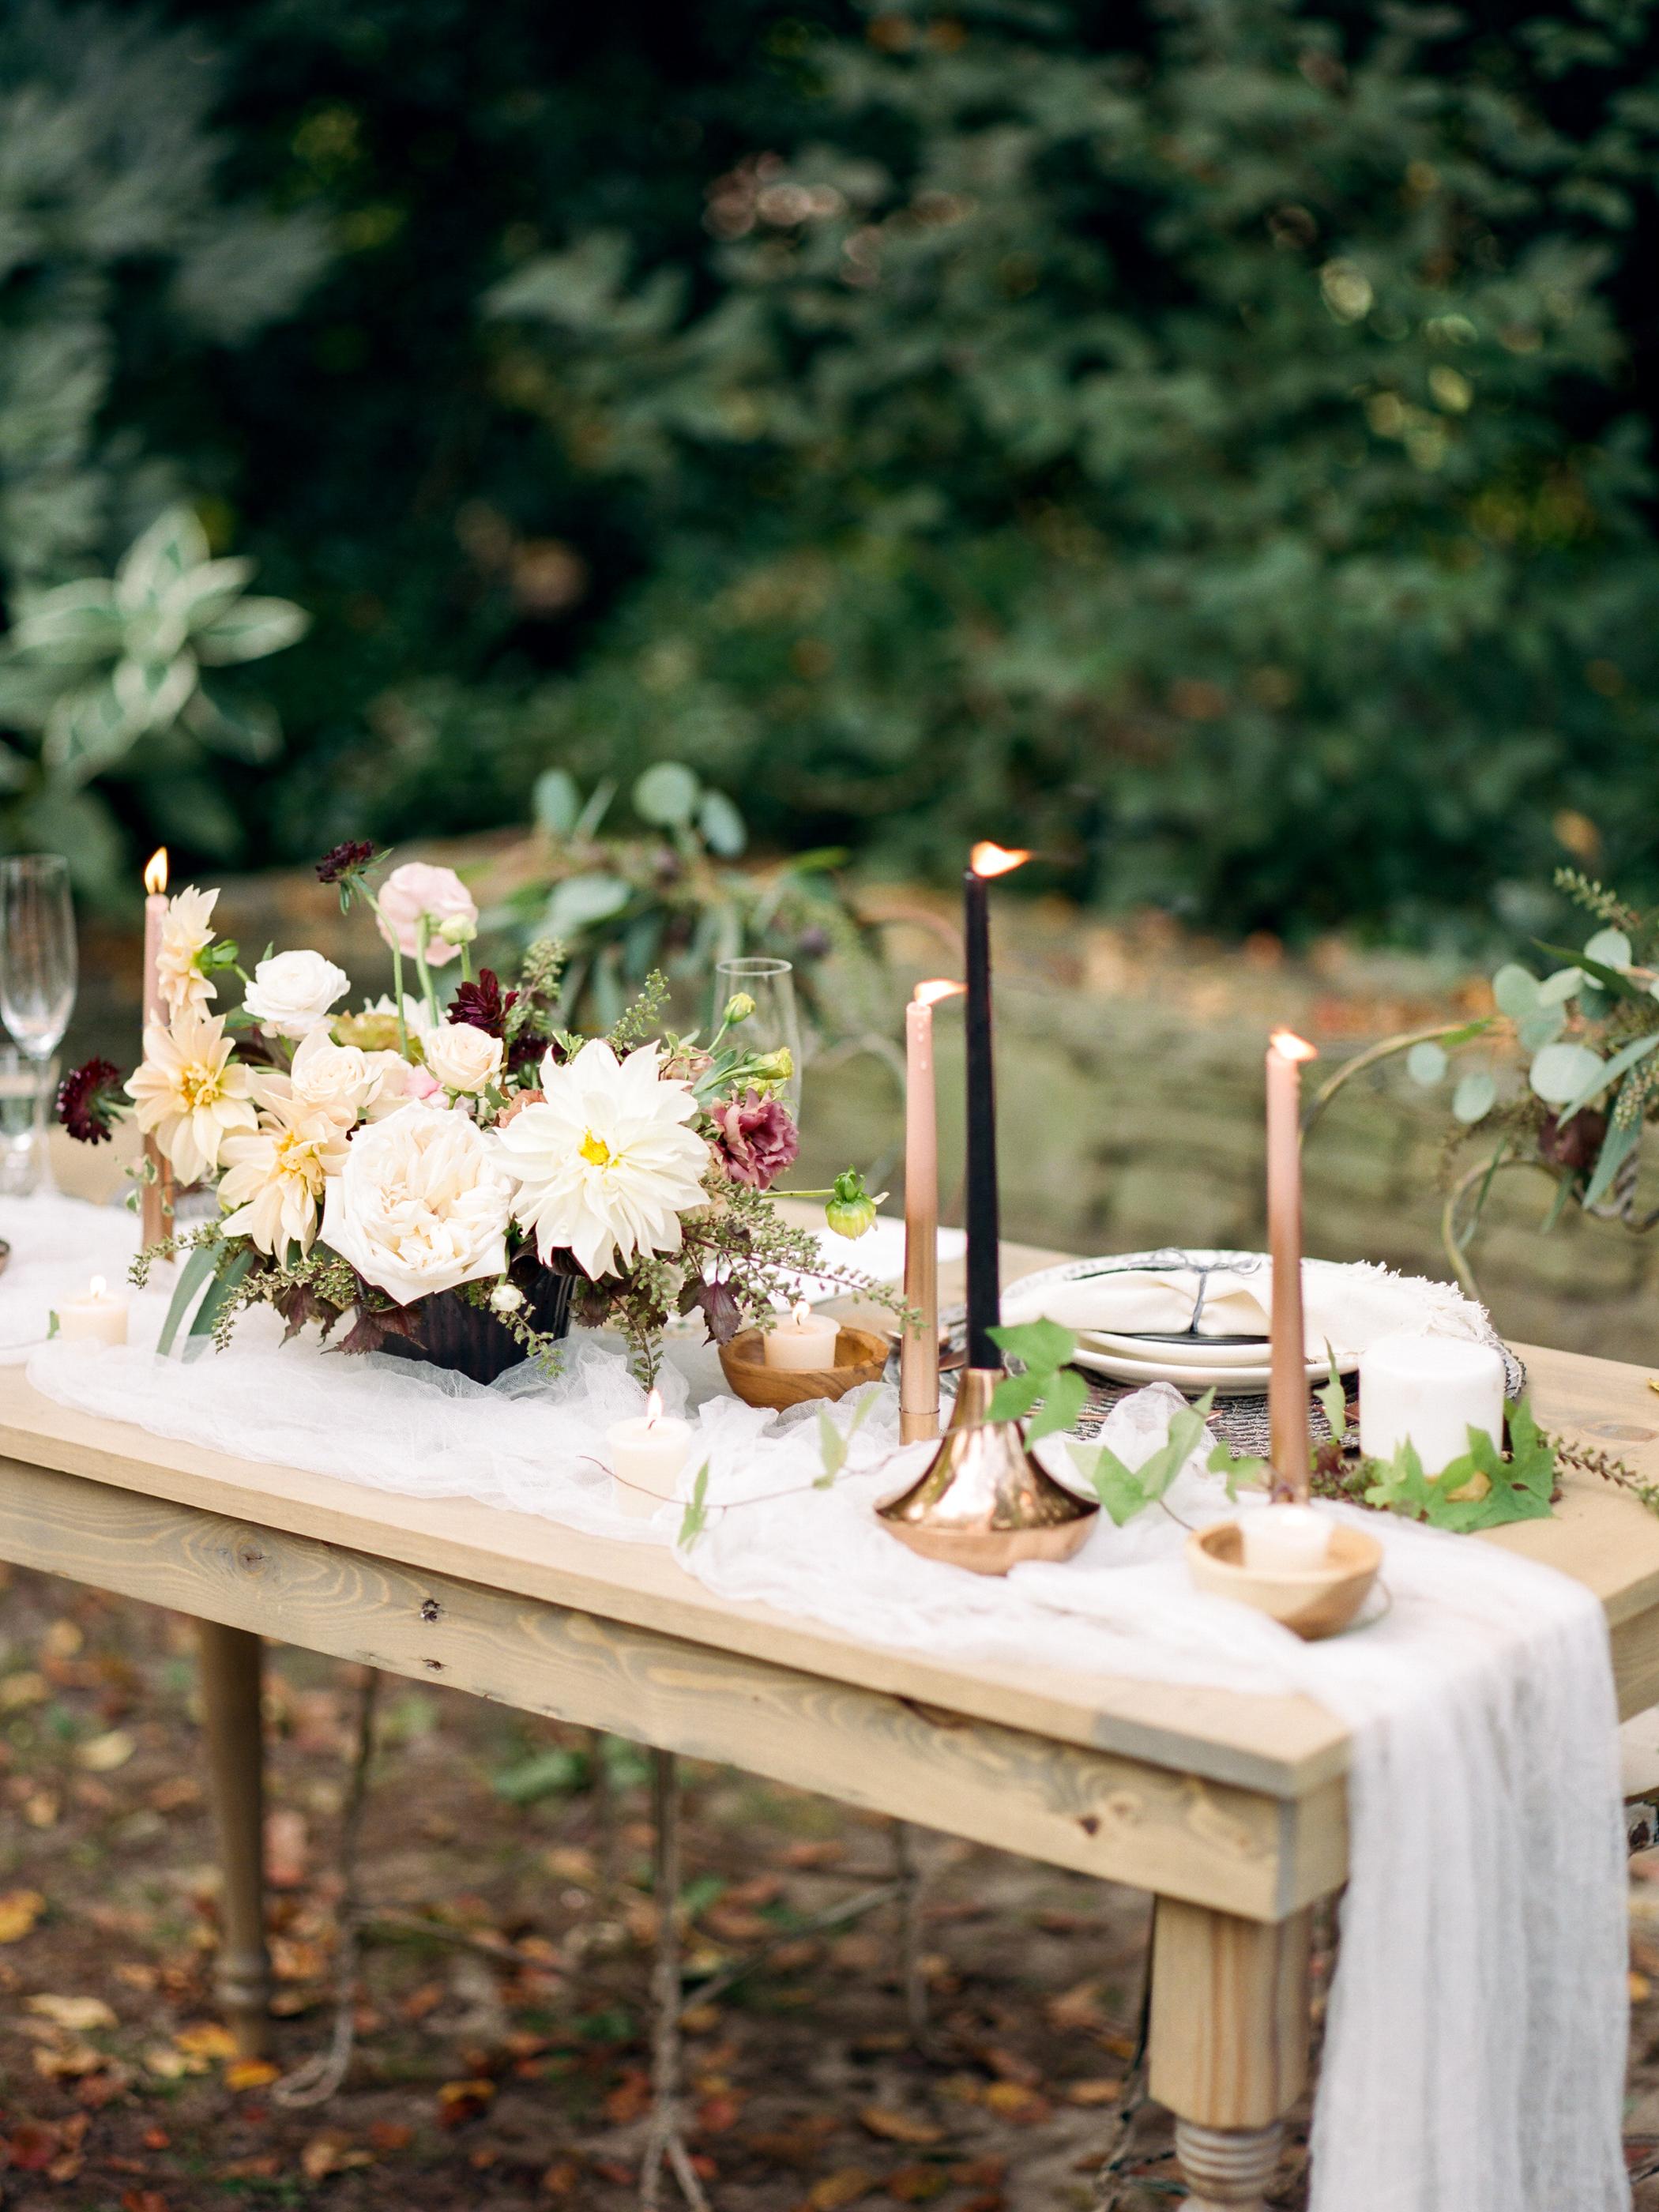 Moody Garden Elopement   Live View Studios   Joy Wed blog   http://www.joy-wed.com